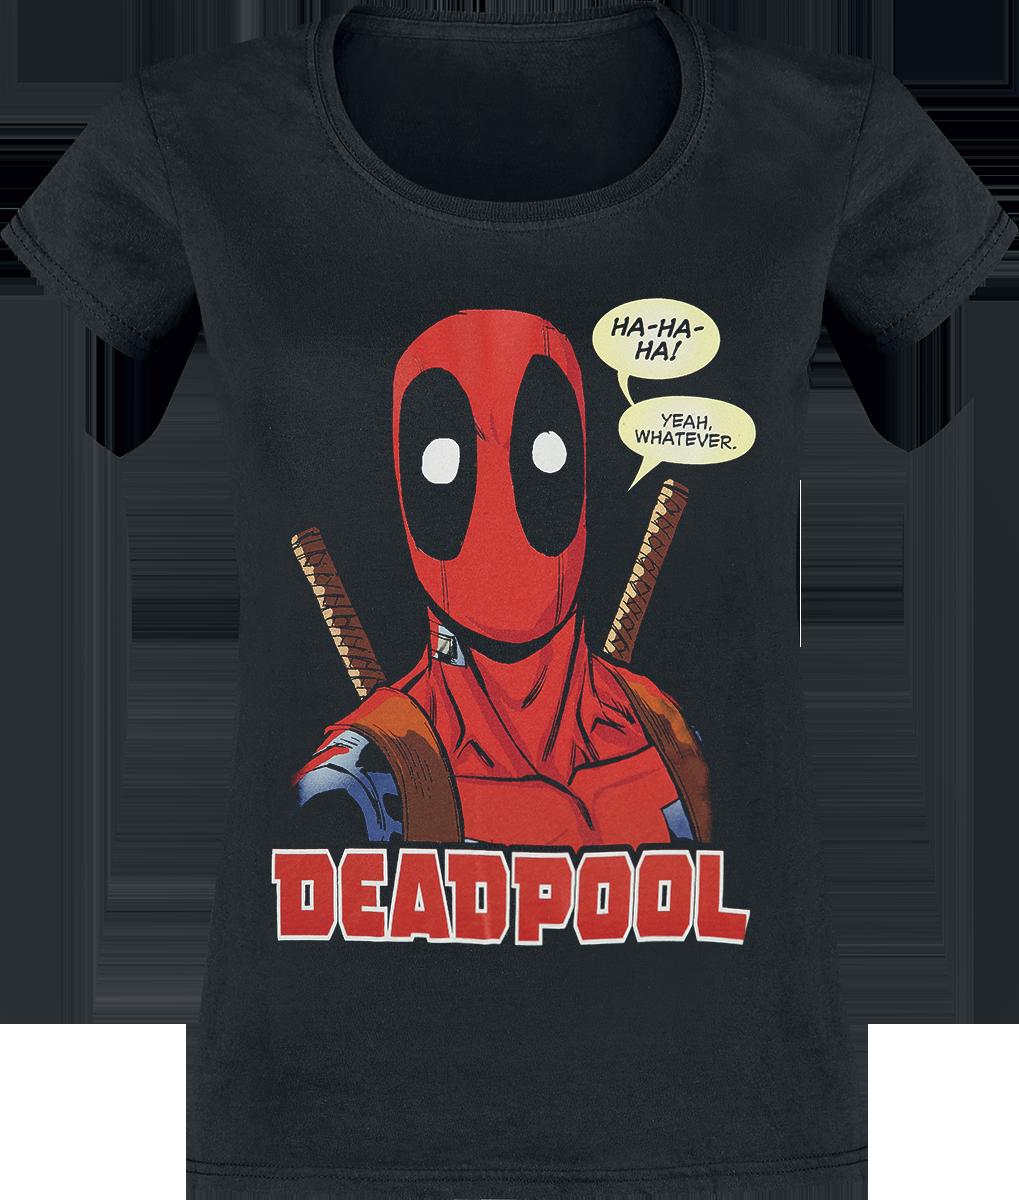 Deadpool - Whatever - Girls shirt - black image